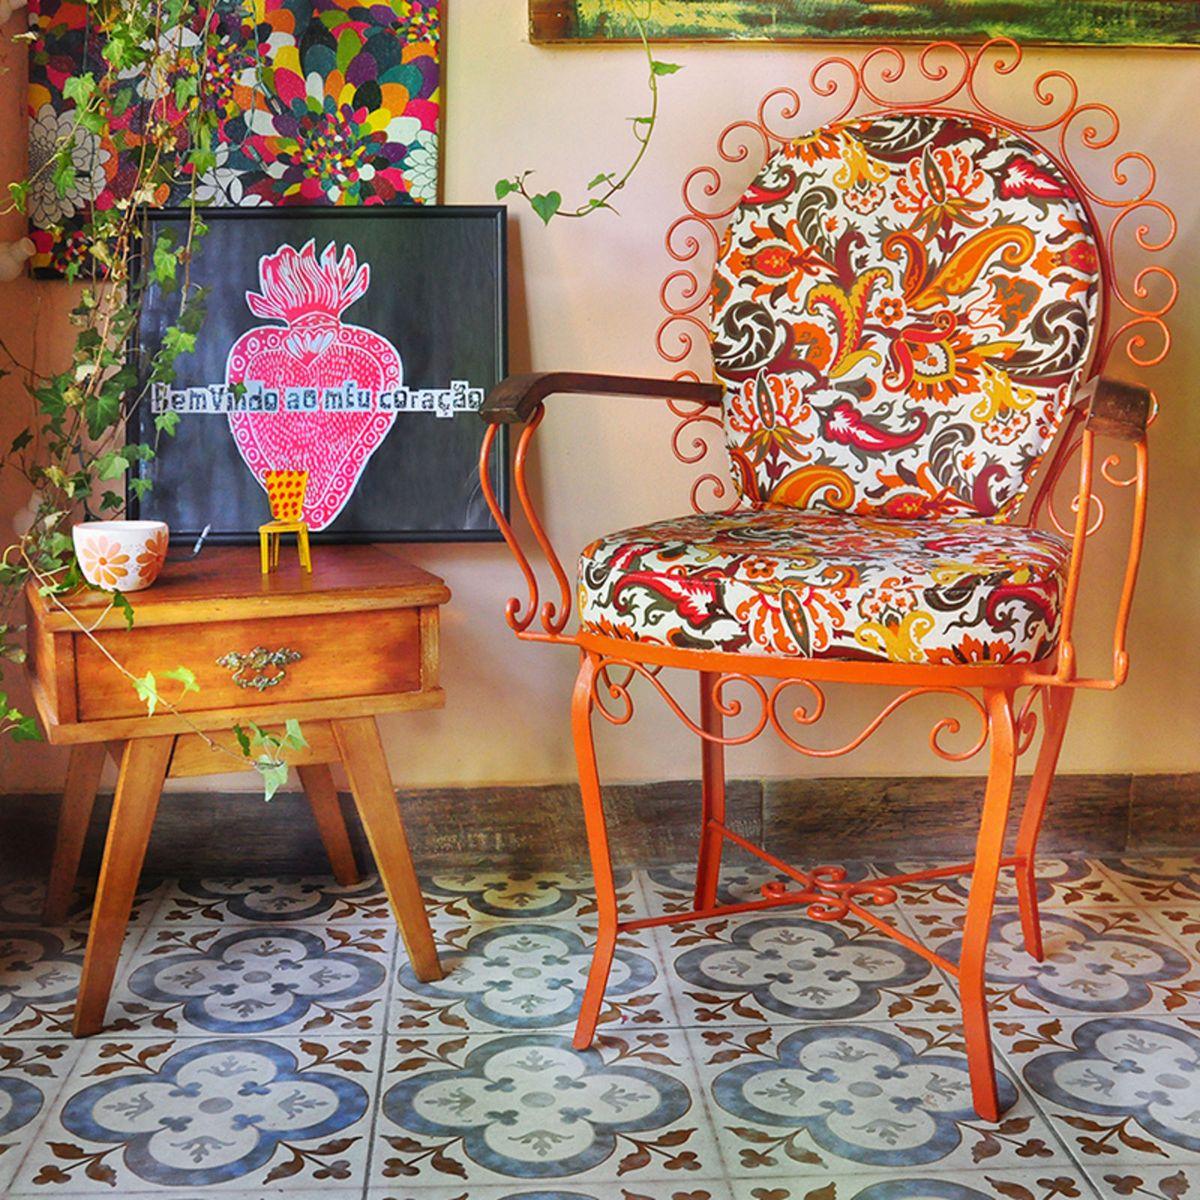 cadeira de ferro - jardim - vintage - decoração ie yeah